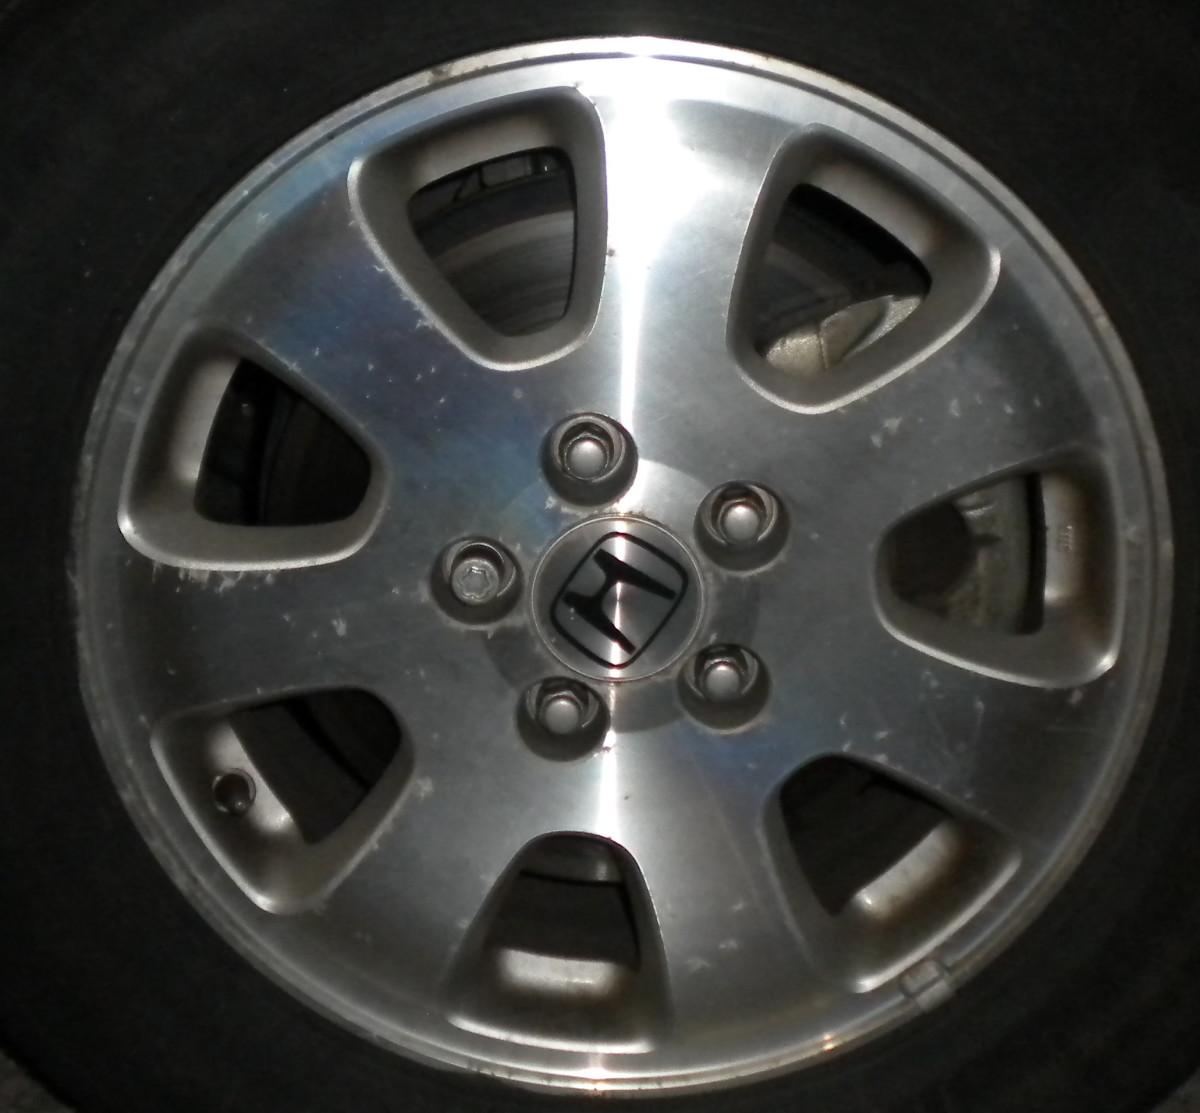 The lovely wheel of the Honda Odyssey.